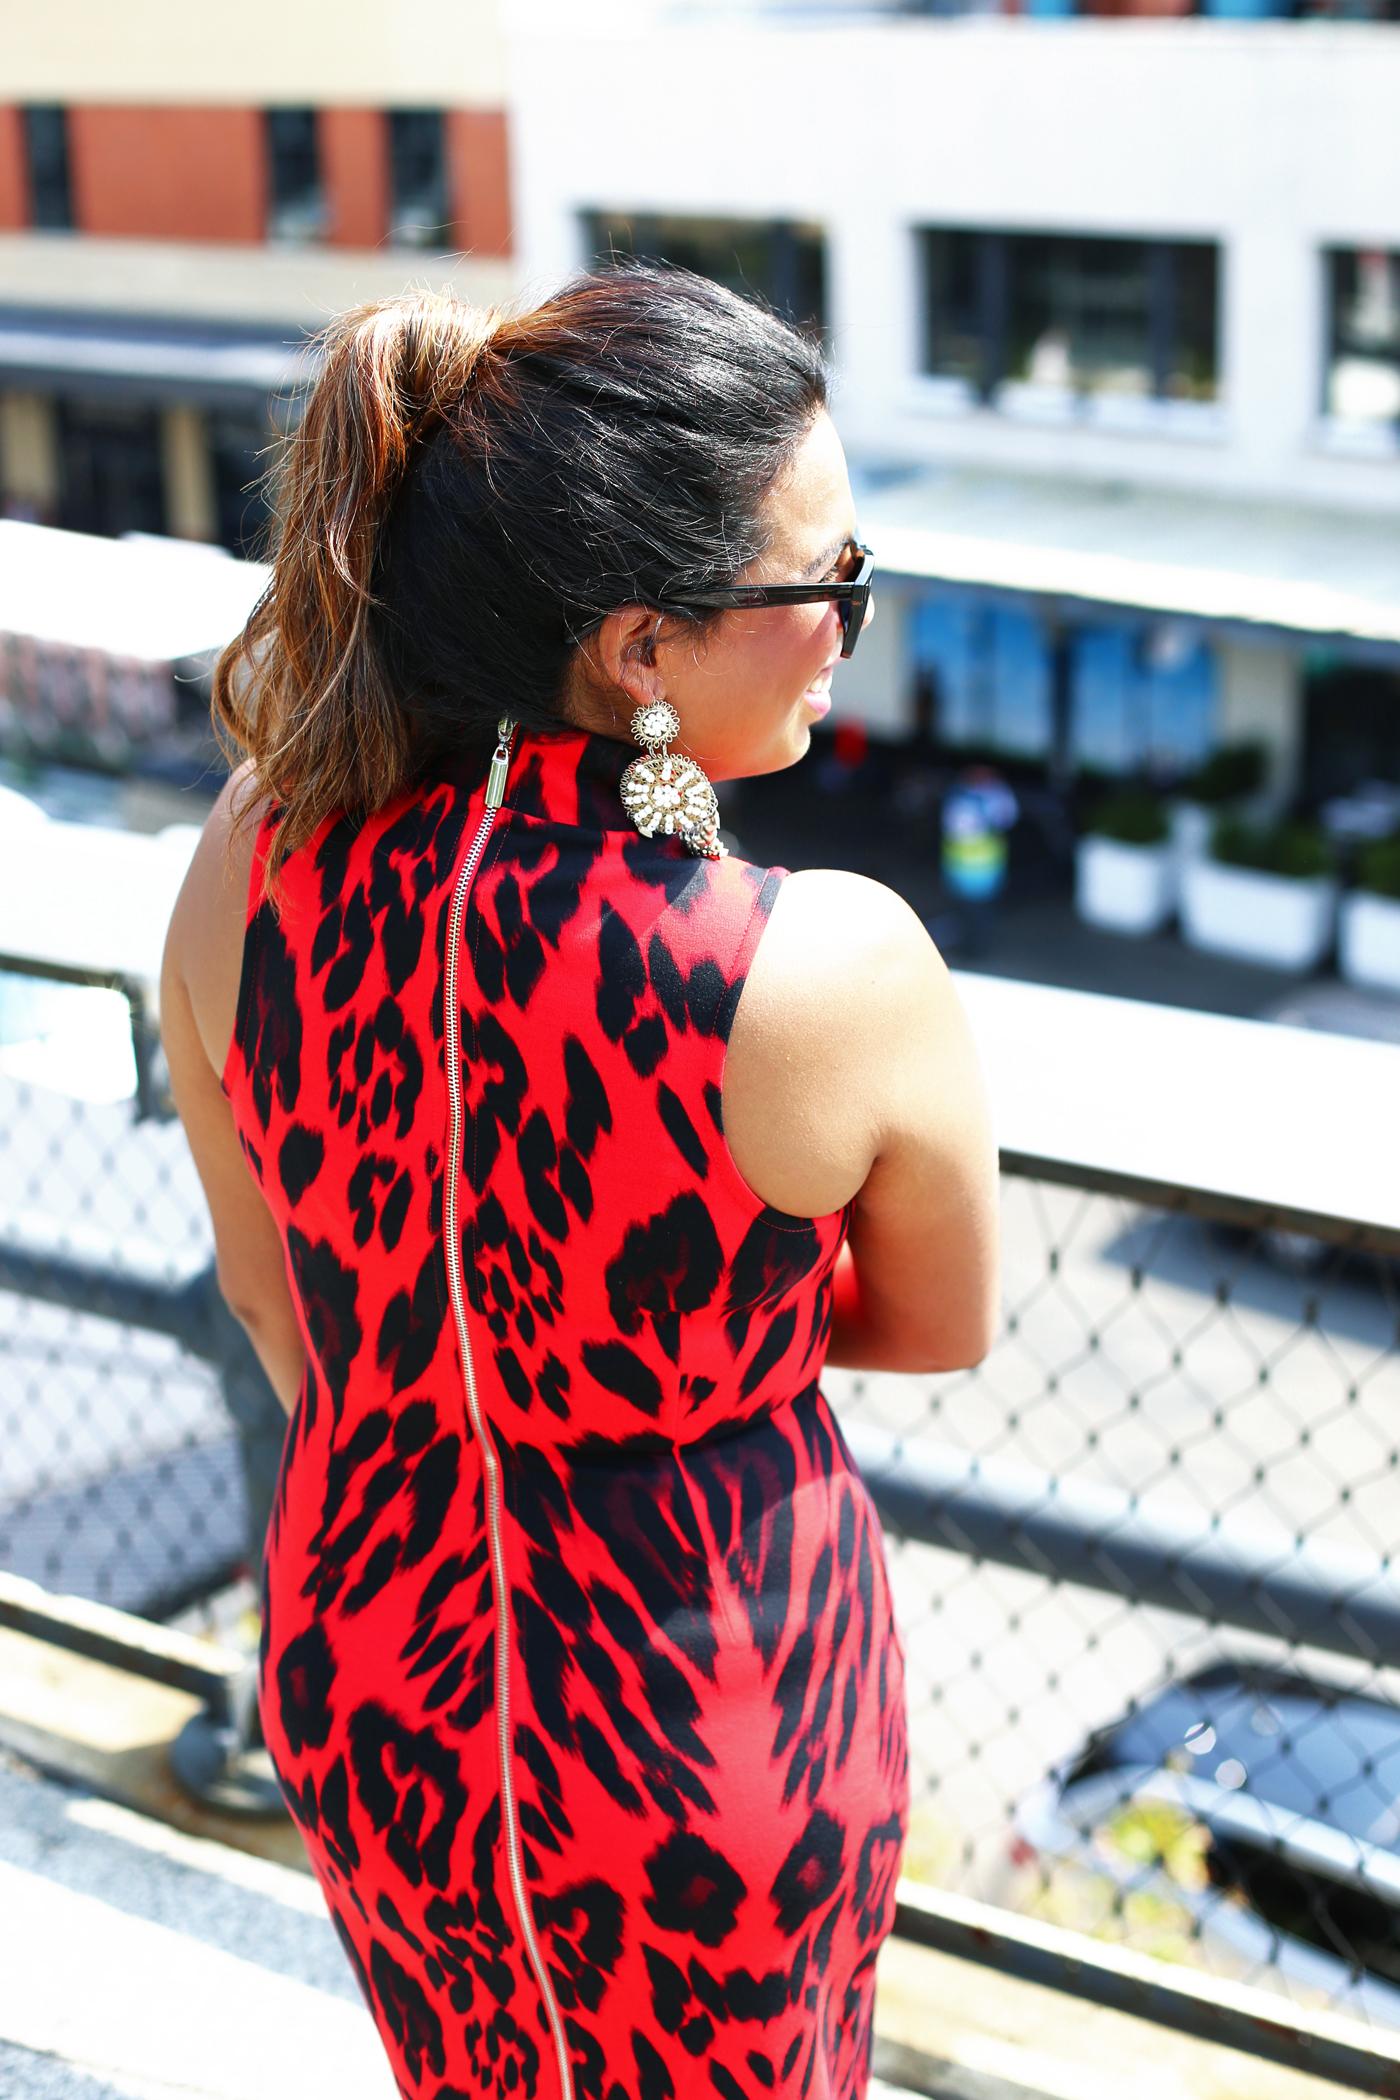 taos-ootd-kohls-jlo-leopard-dress-back